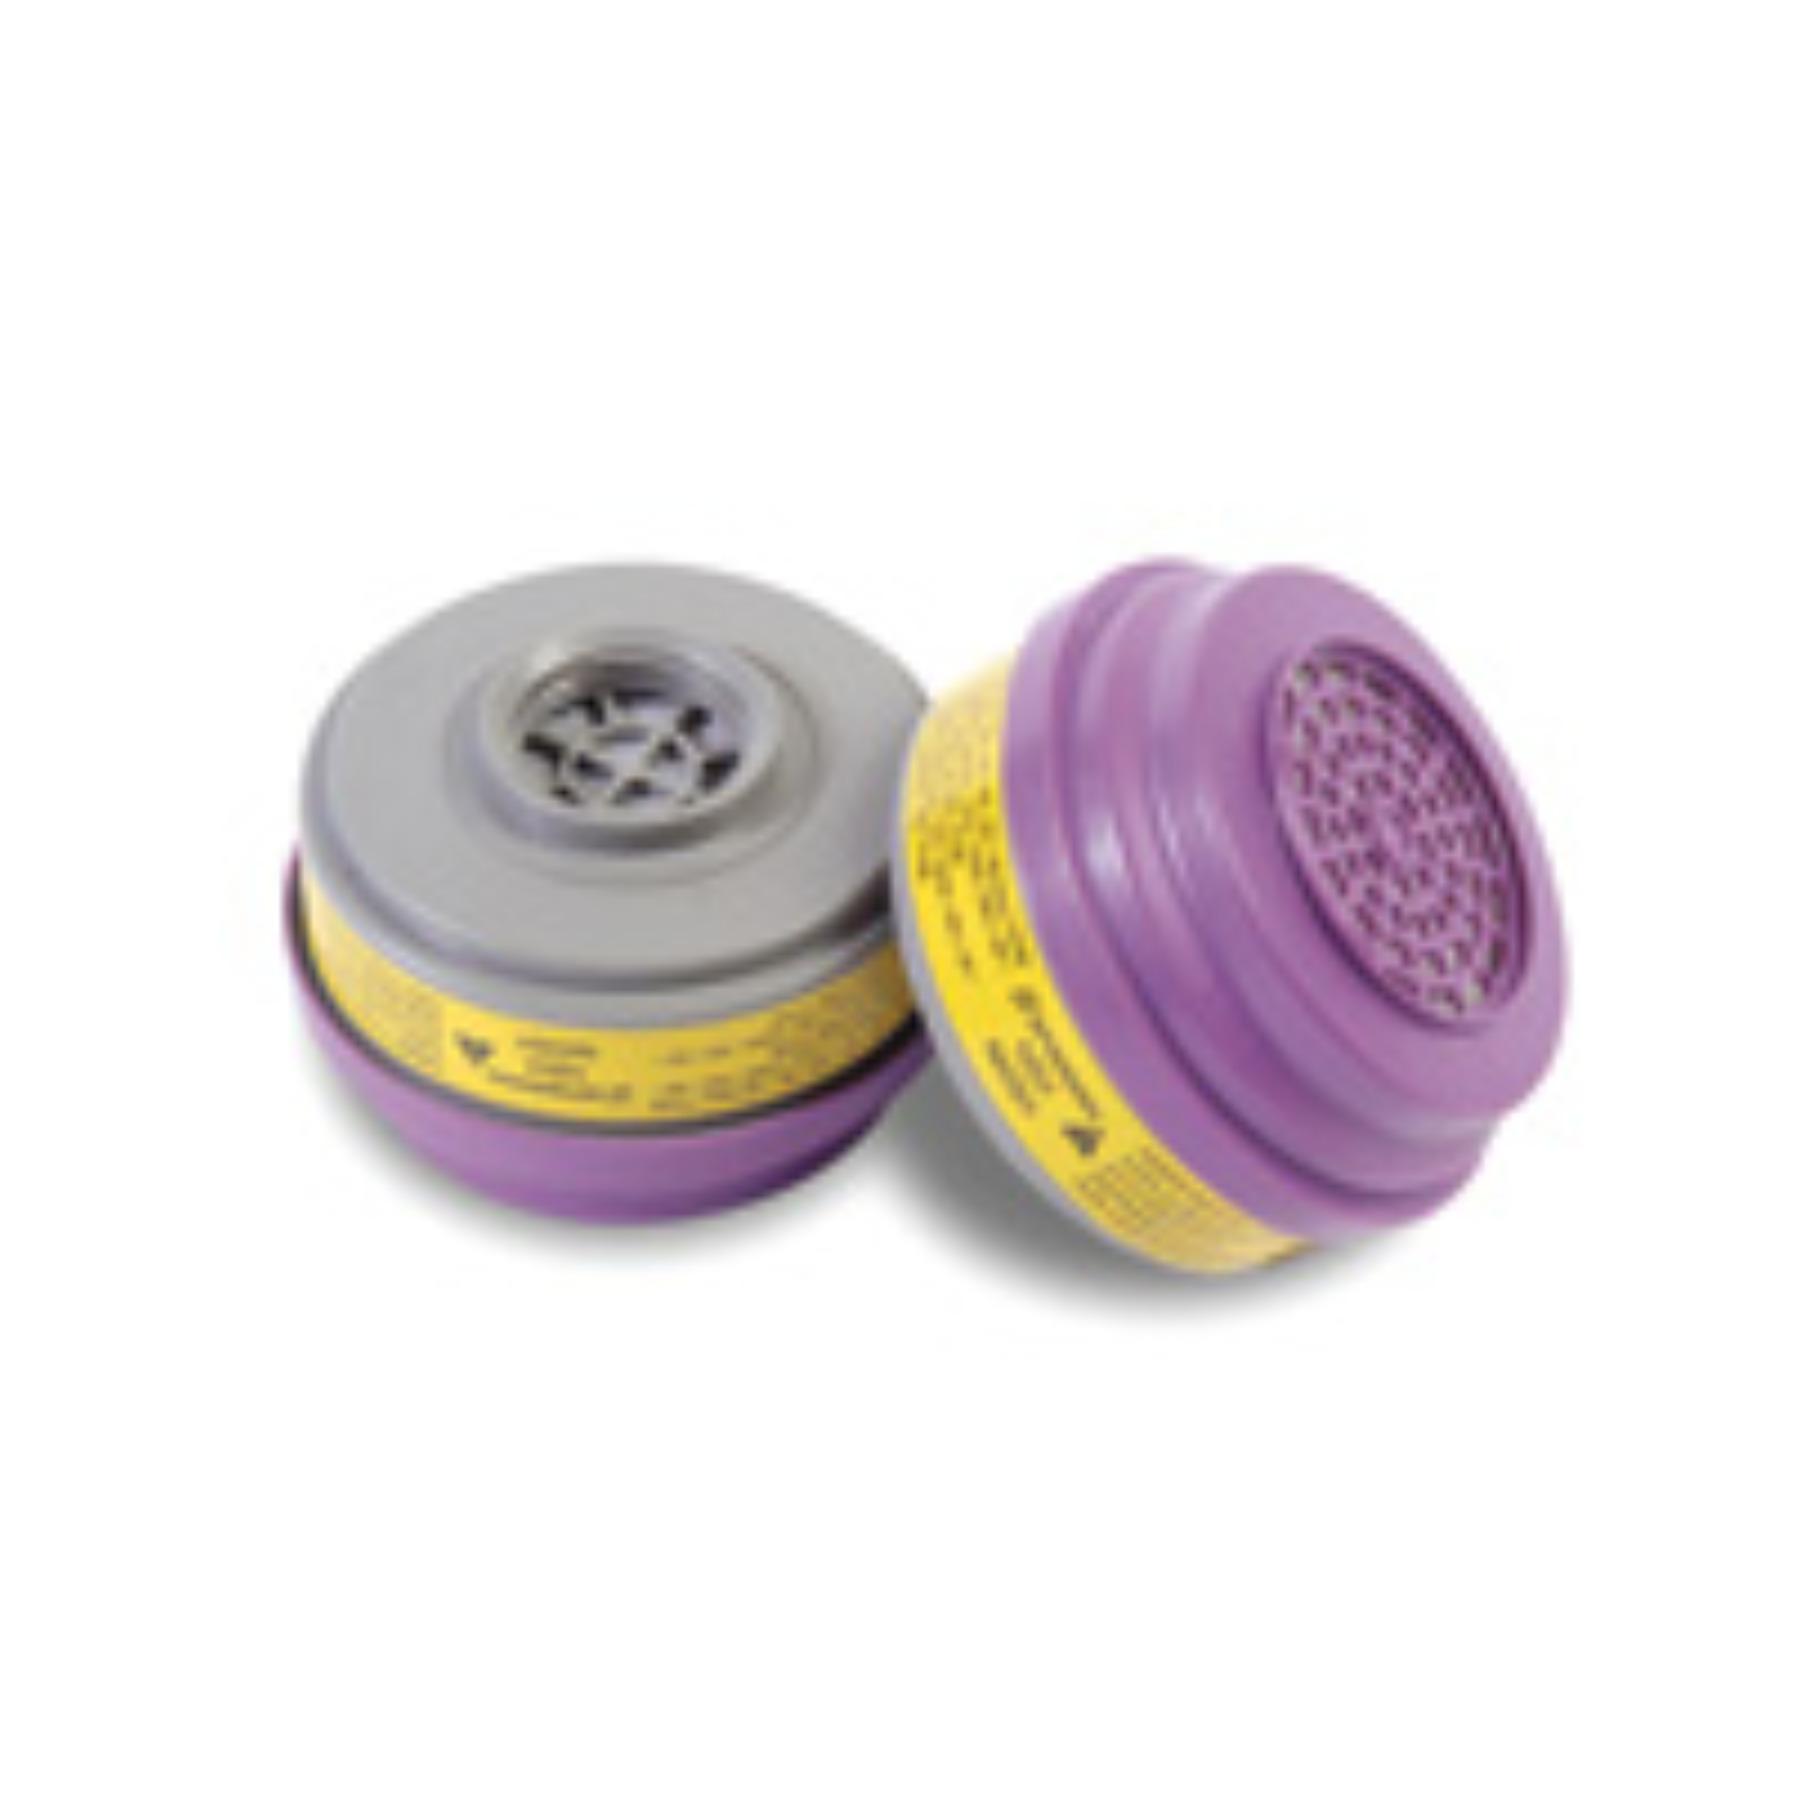 Survivair+ Organic Vapor/Acid Gas Cartridge For S Series Air Purifying Respirator (APR) With P100 Filter